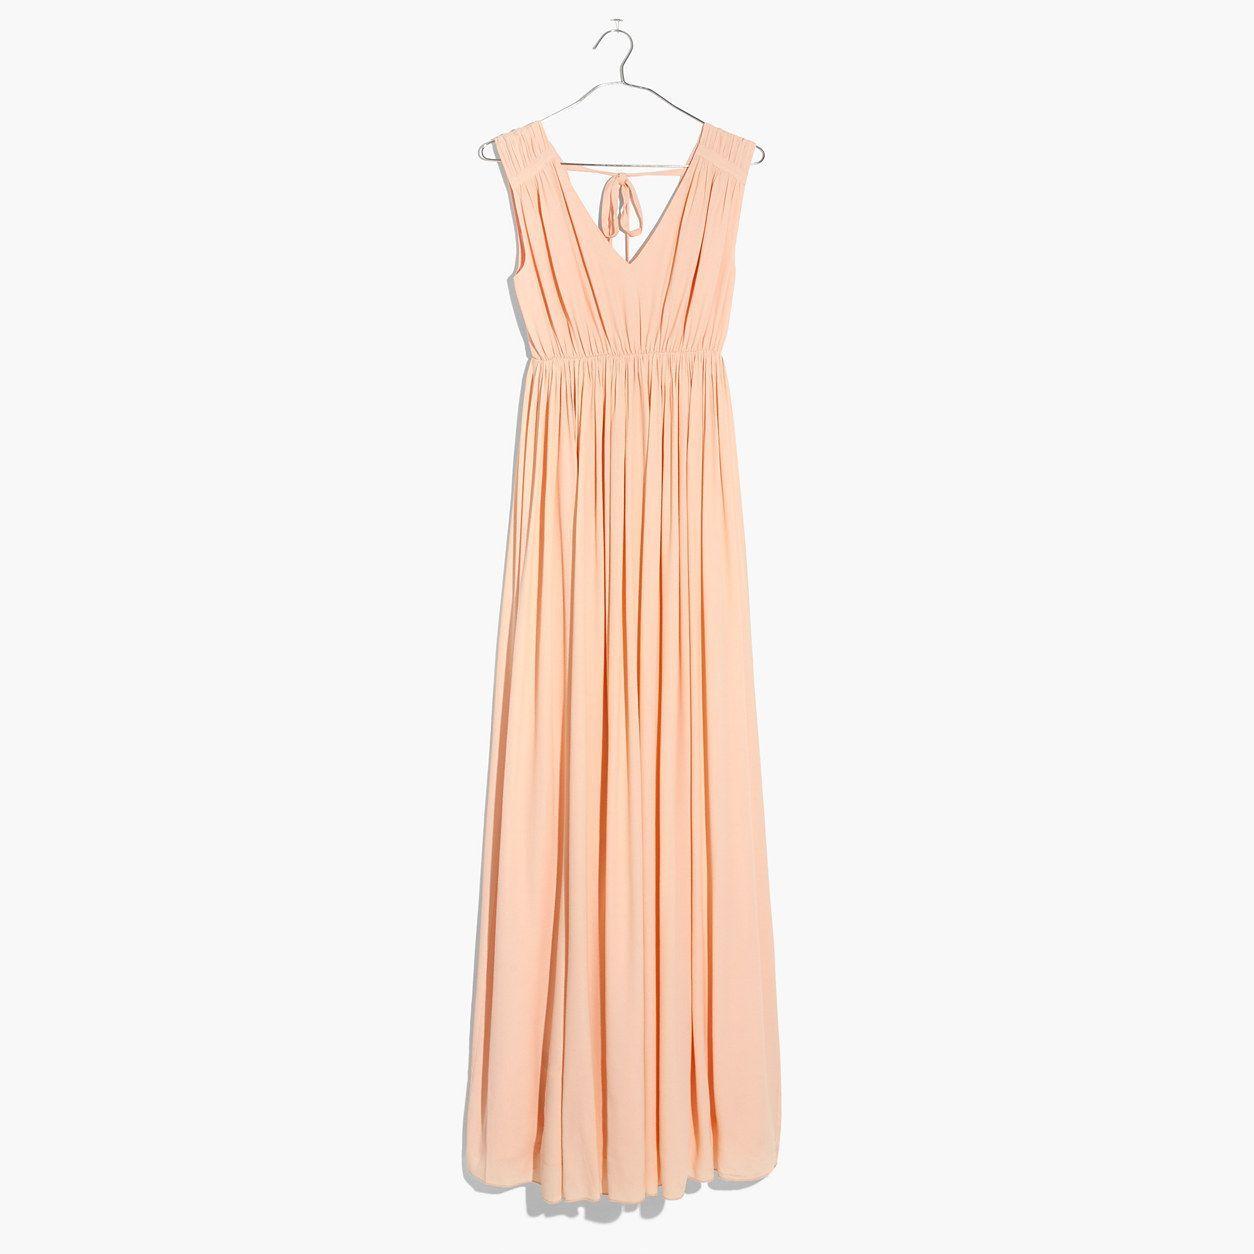 00fc07b4769 Madewell Womens Magnolia Tie-Back Maxi Dress (Size S